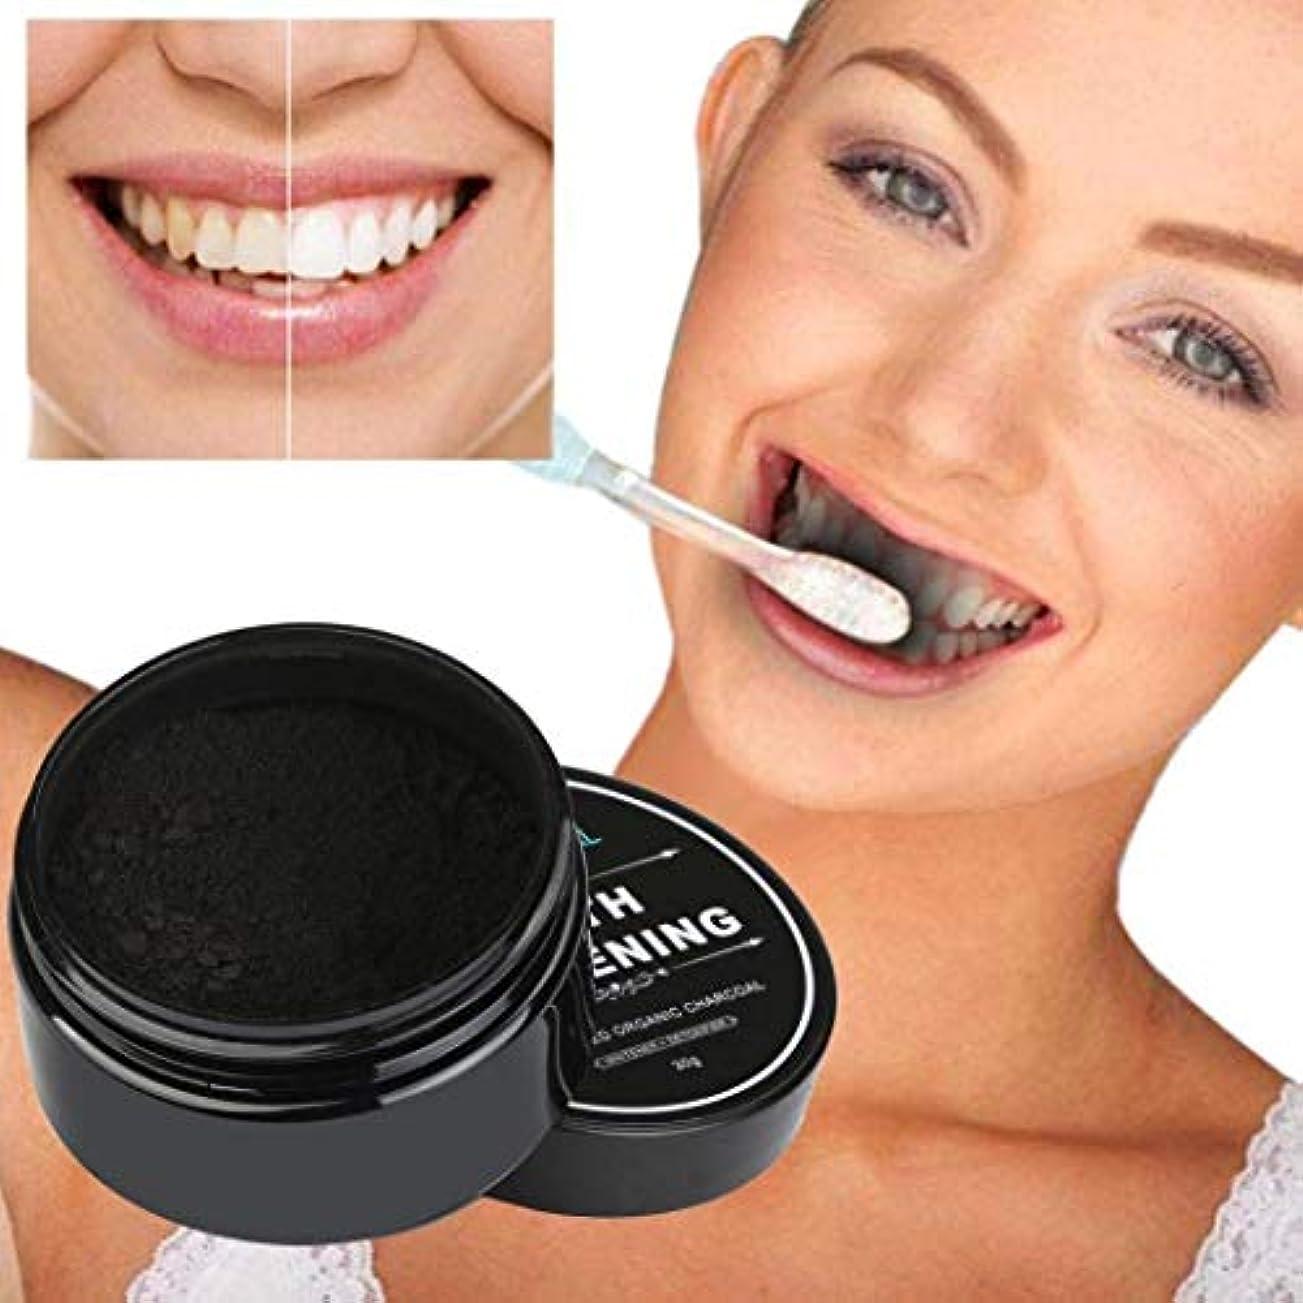 ラショナル高潔な警告するGgorw 歯のホワイトニング 竹炭 美白歯磨きパウダー オーラルケア ハミガキ粉 ホワイトニング活性炭 口臭消去